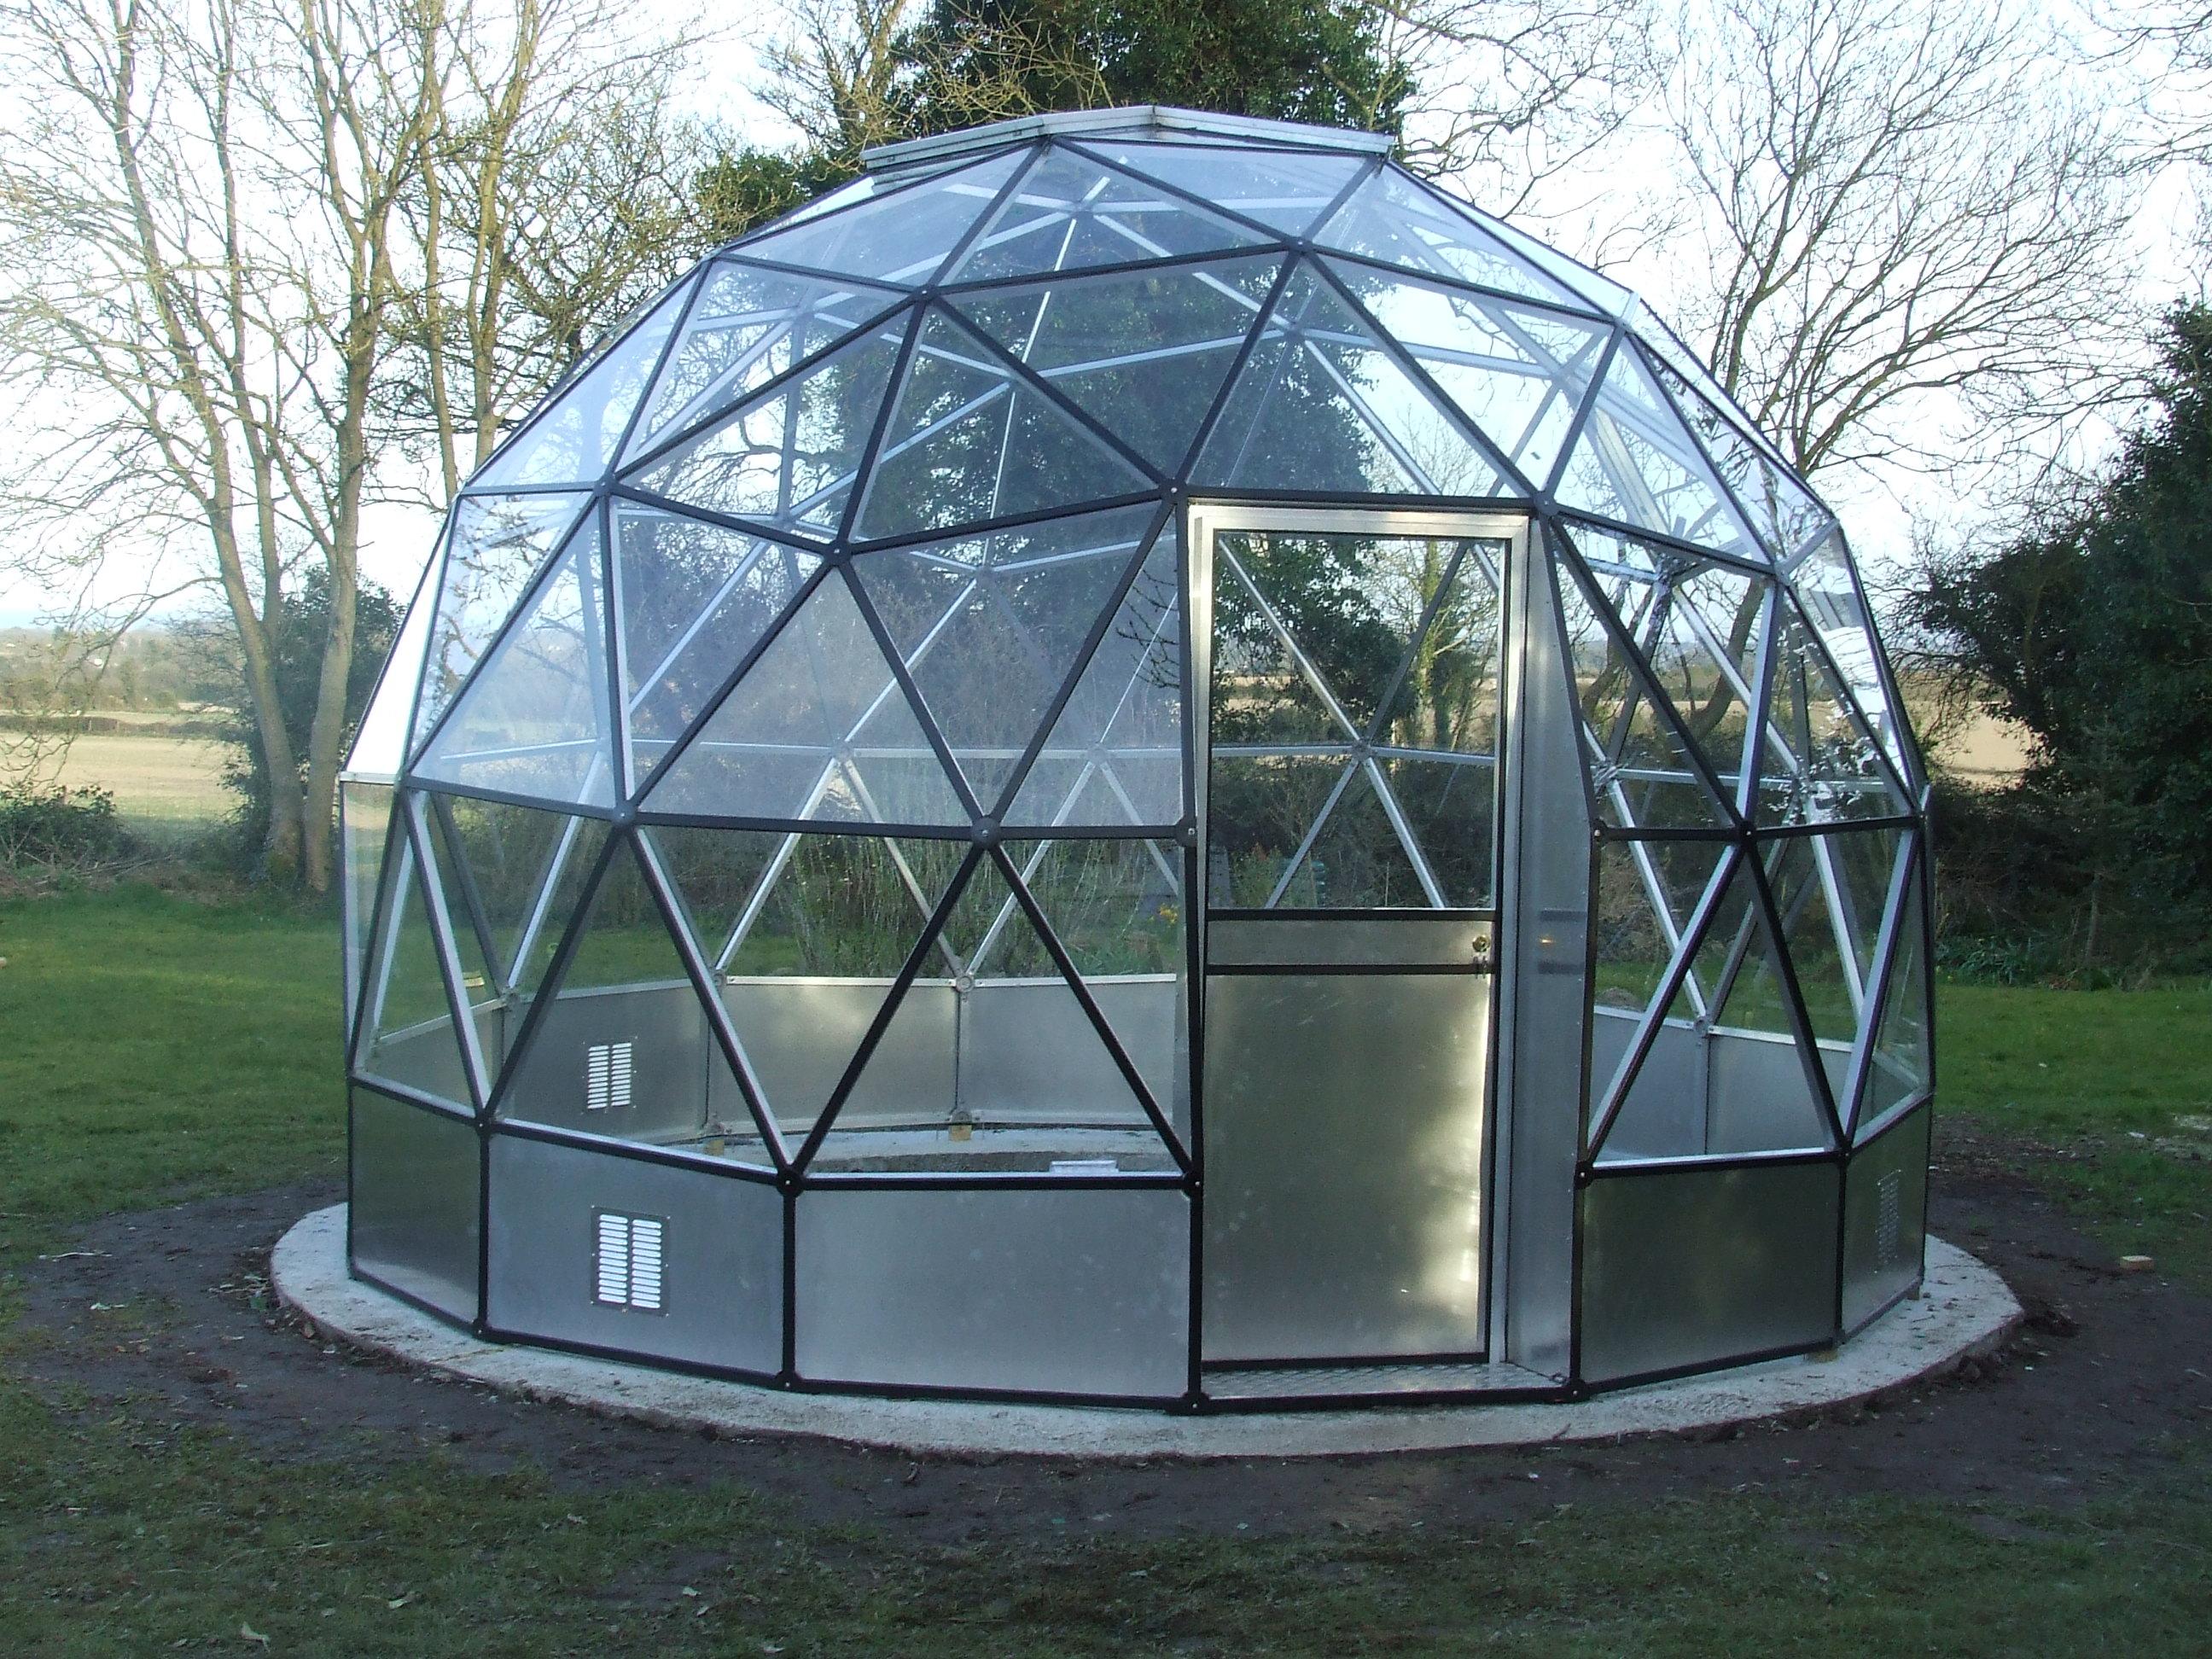 015 domos geod sicos geodesic domes - Invernadero de cristal ...